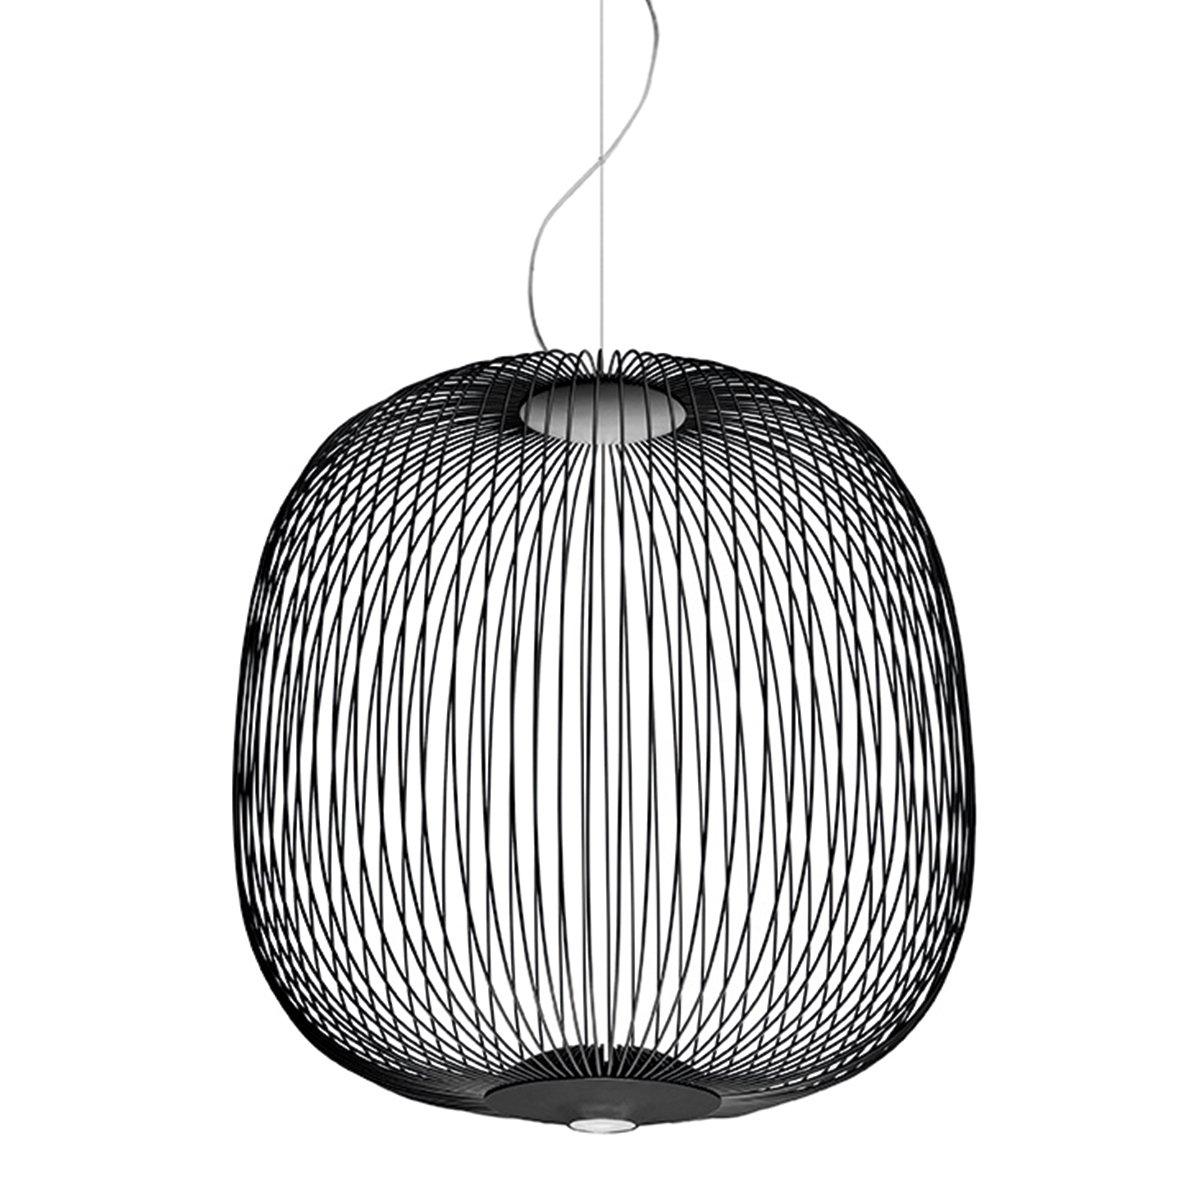 Foscarini Spokes 2 Hanglamp Dimbaar - Zwart